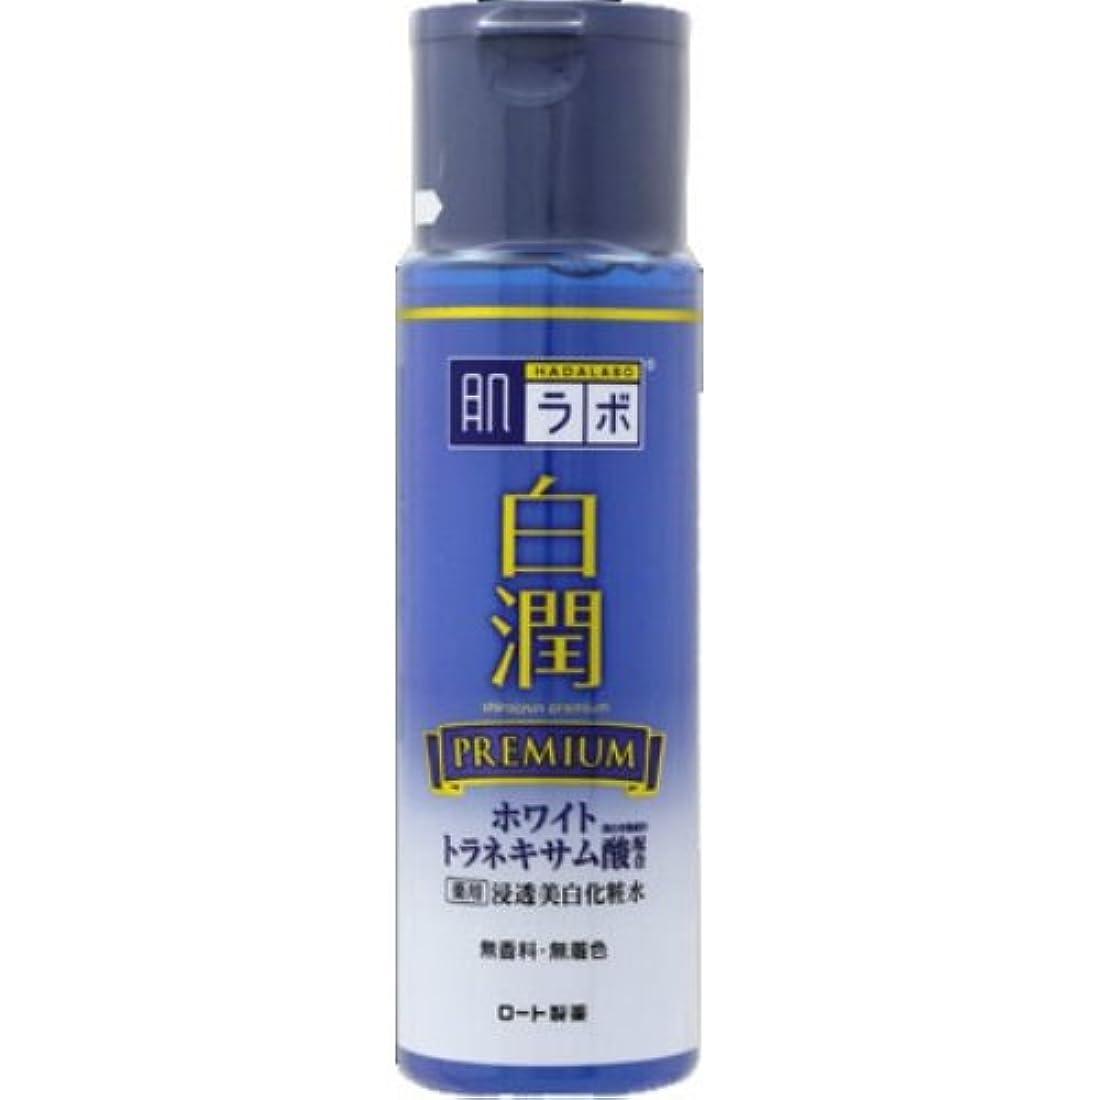 相手見習い風景肌ラボ 白潤プレミアム 薬用浸透美白化粧水 170mL × 10個セット